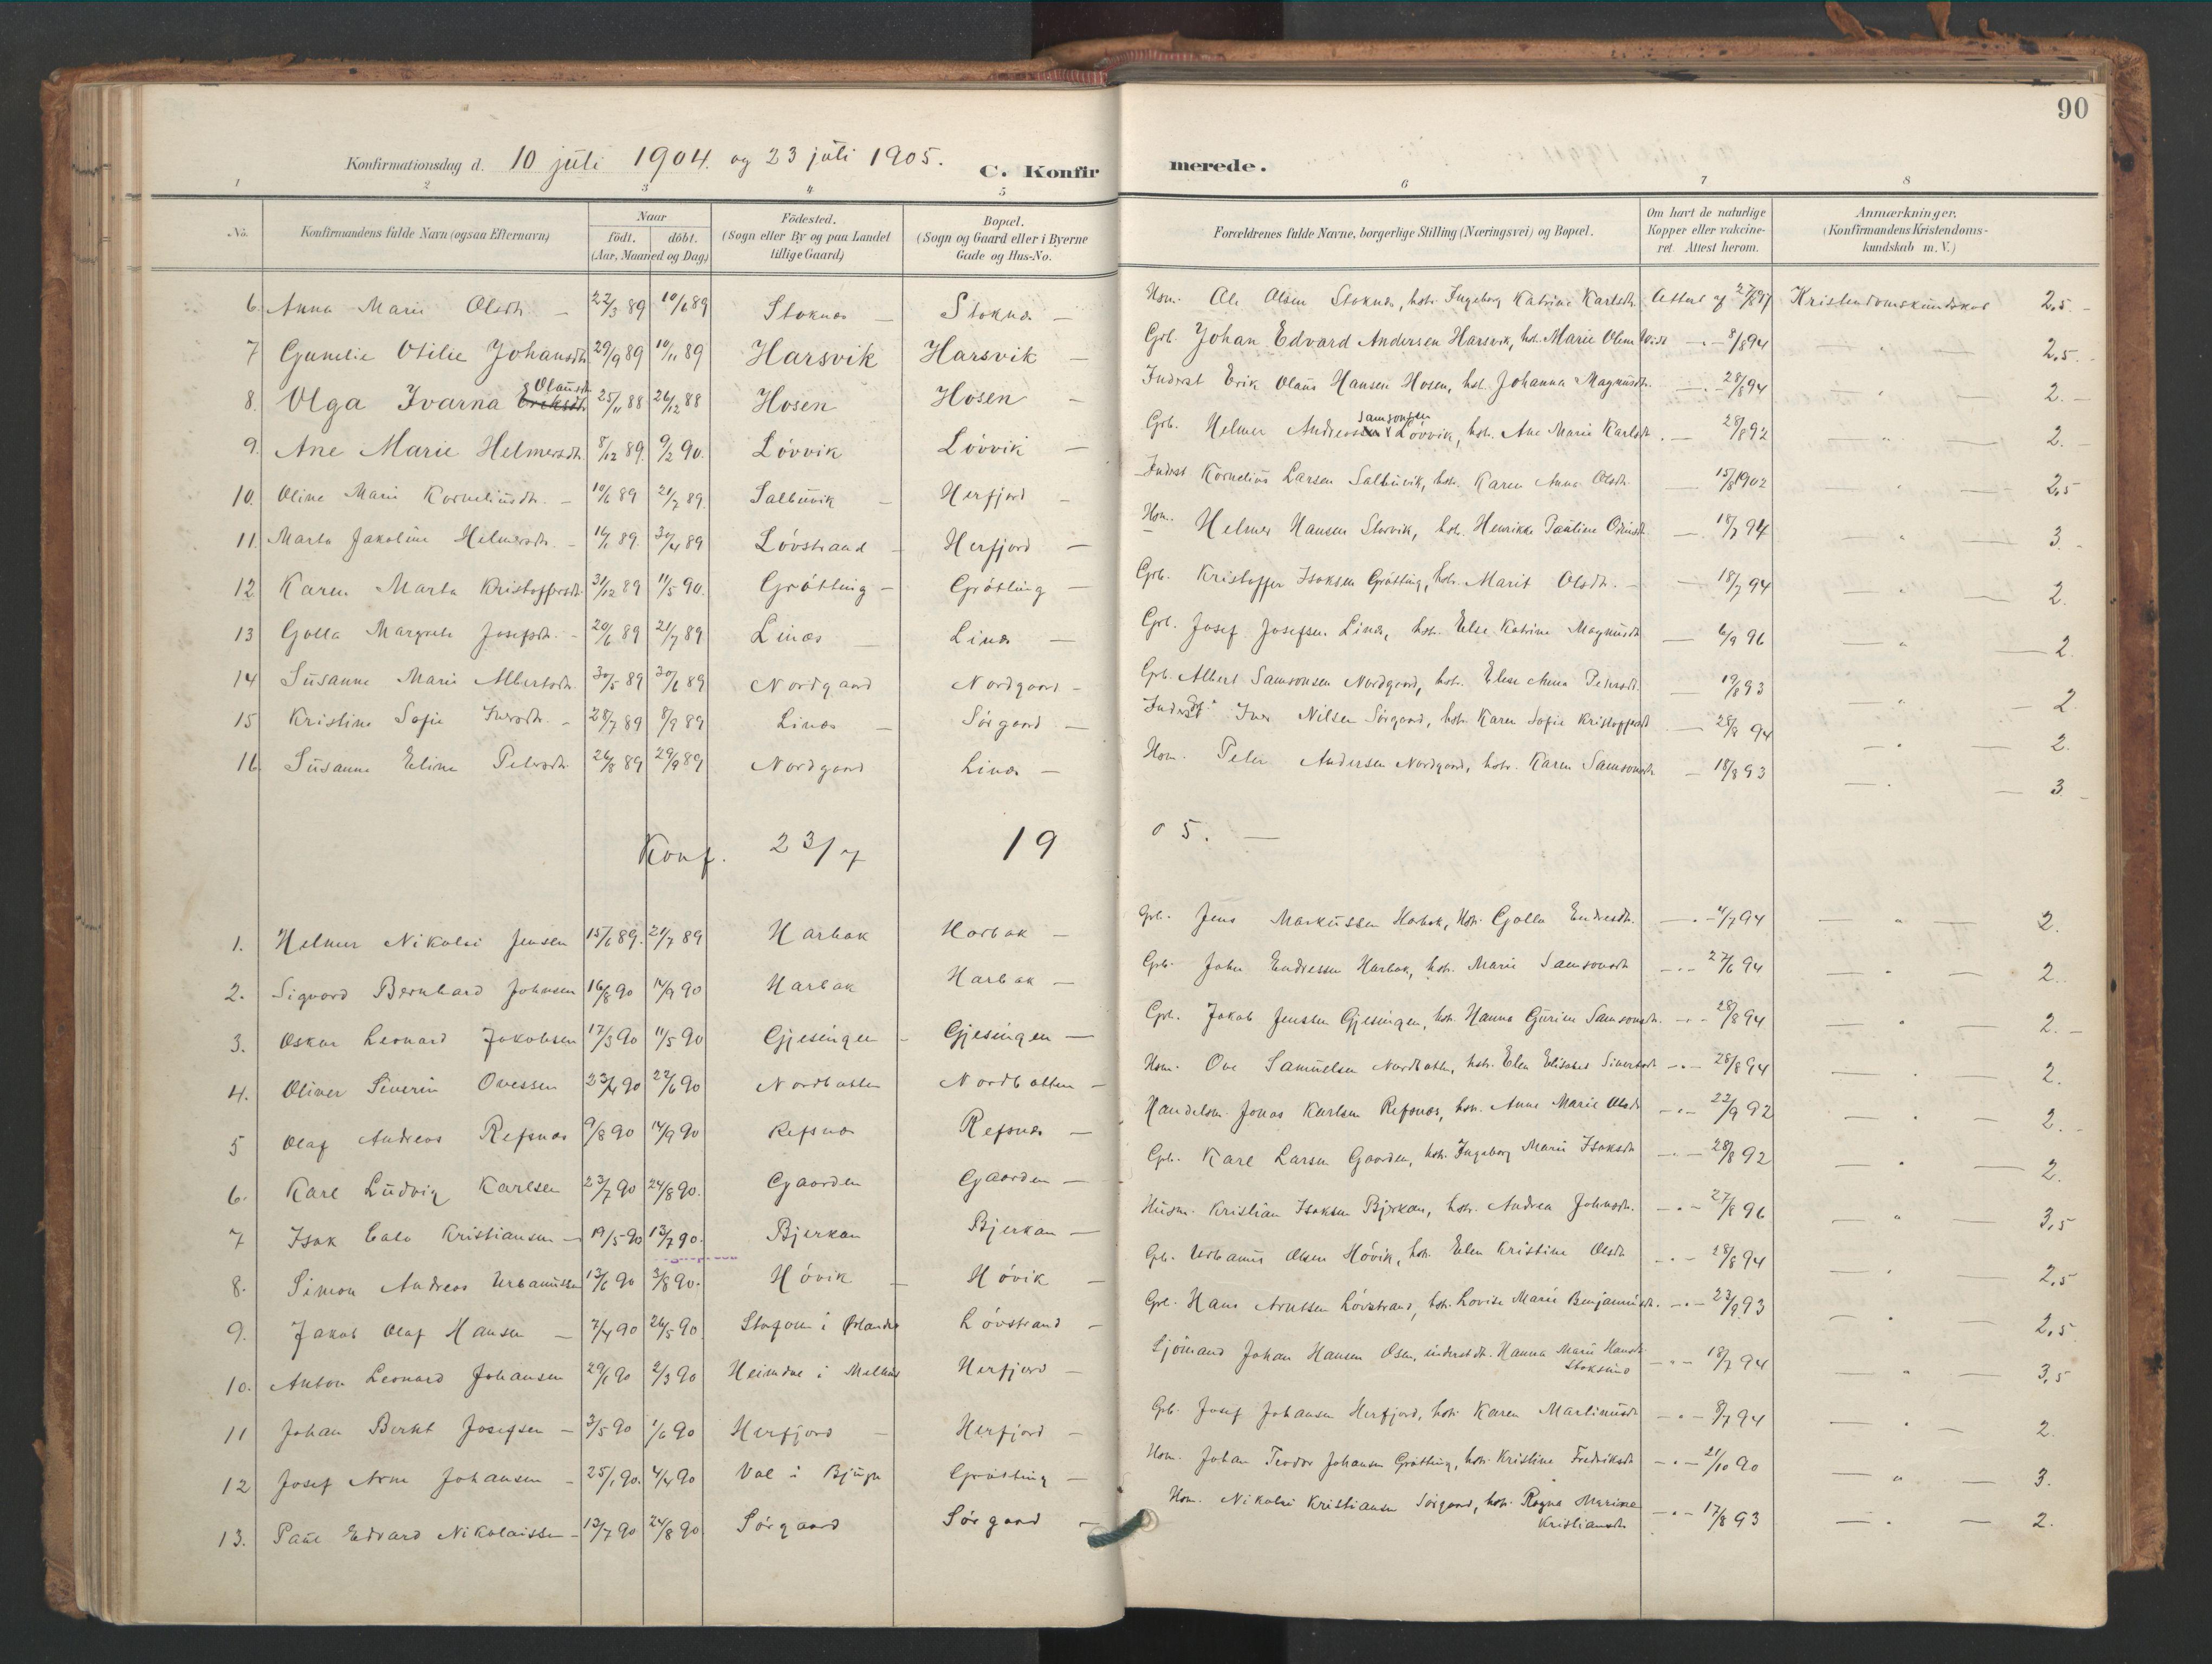 SAT, Ministerialprotokoller, klokkerbøker og fødselsregistre - Sør-Trøndelag, 656/L0693: Ministerialbok nr. 656A02, 1894-1913, s. 90